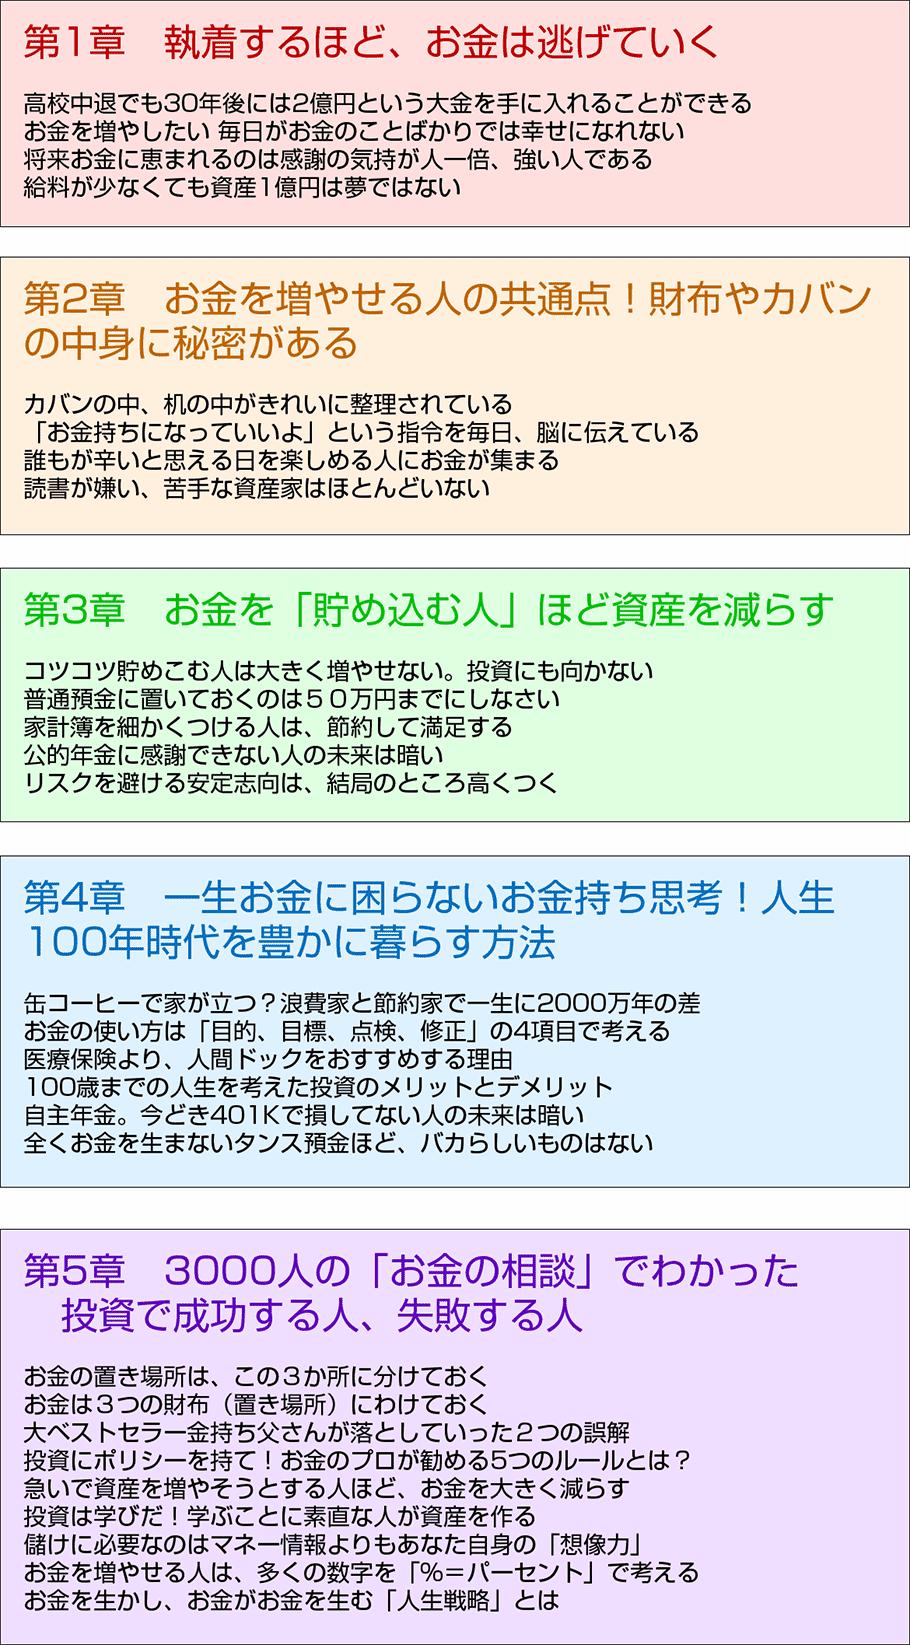 本書の内容・目次(抜粋)